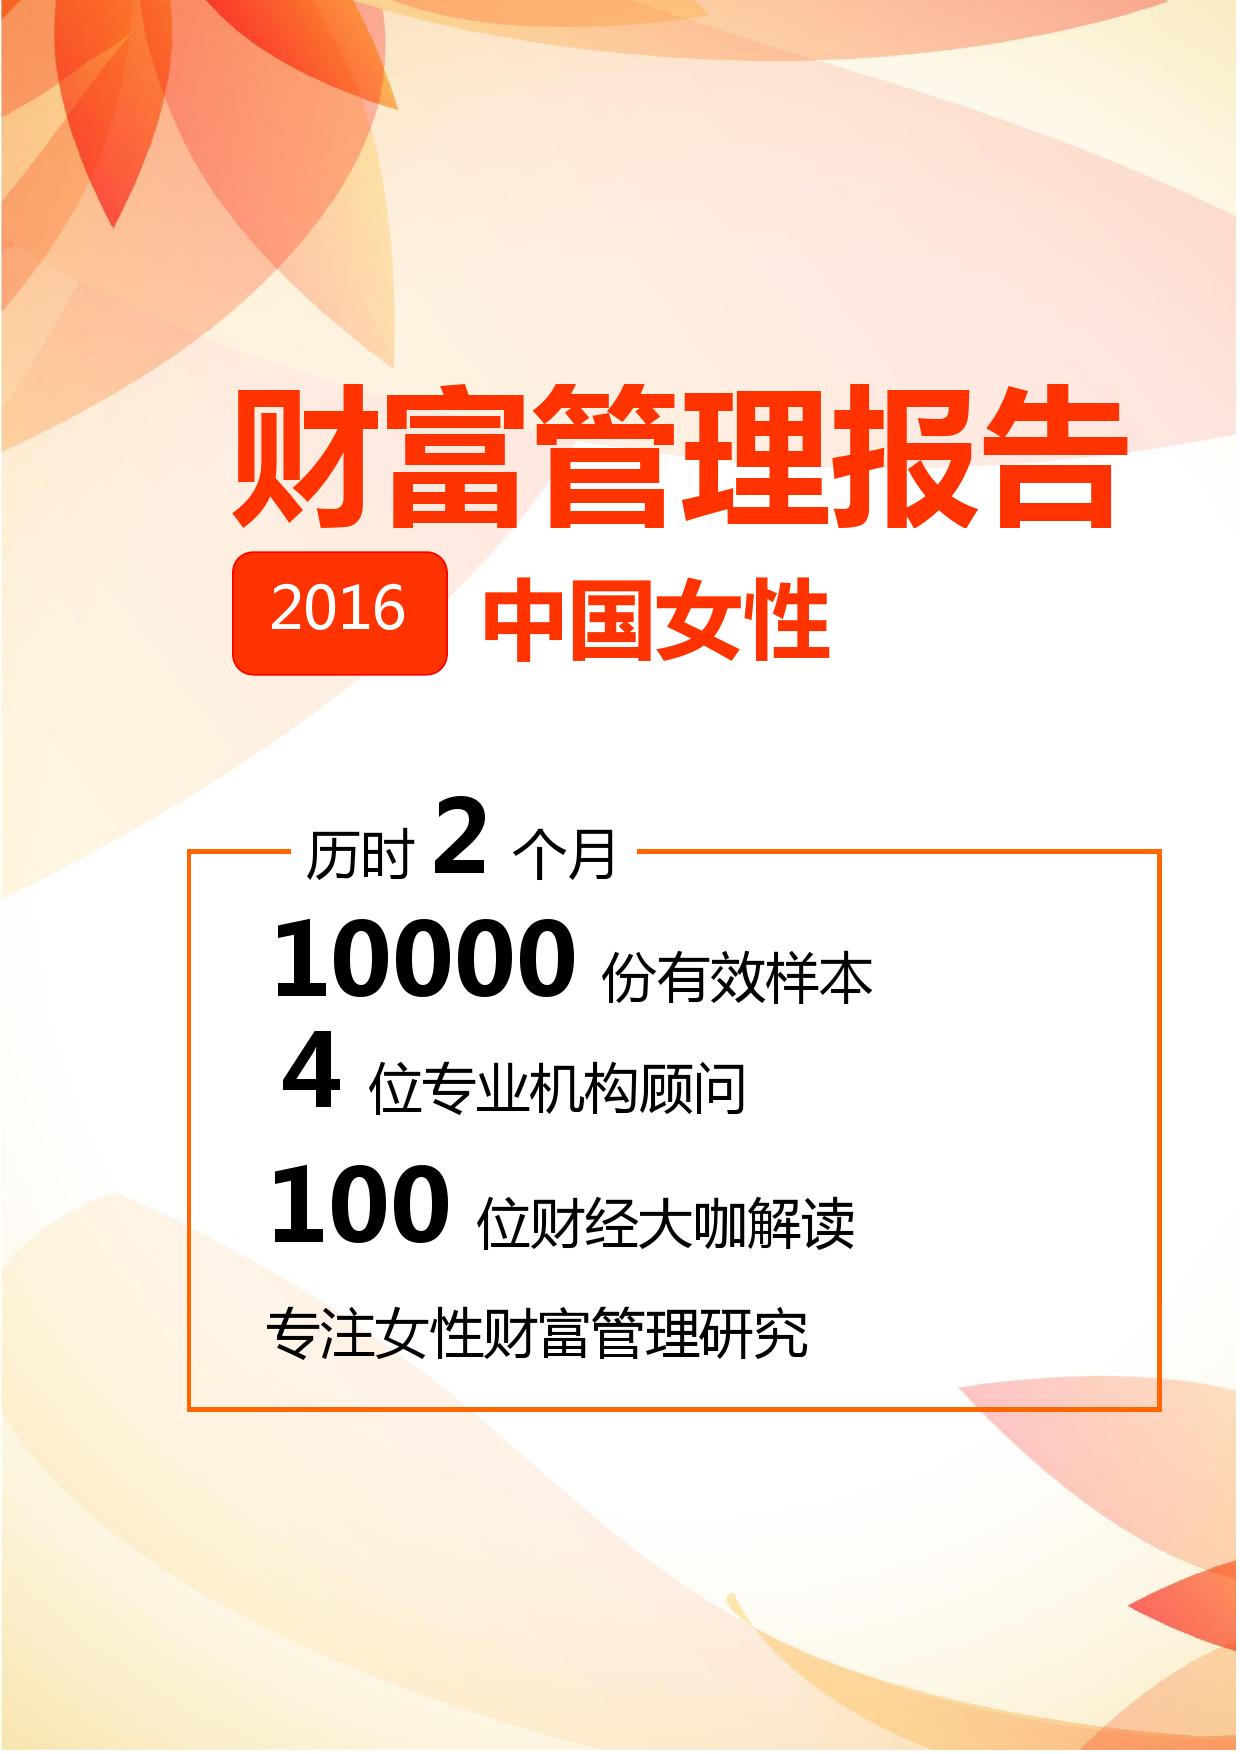 2016年中国女性财富管理报告_000010